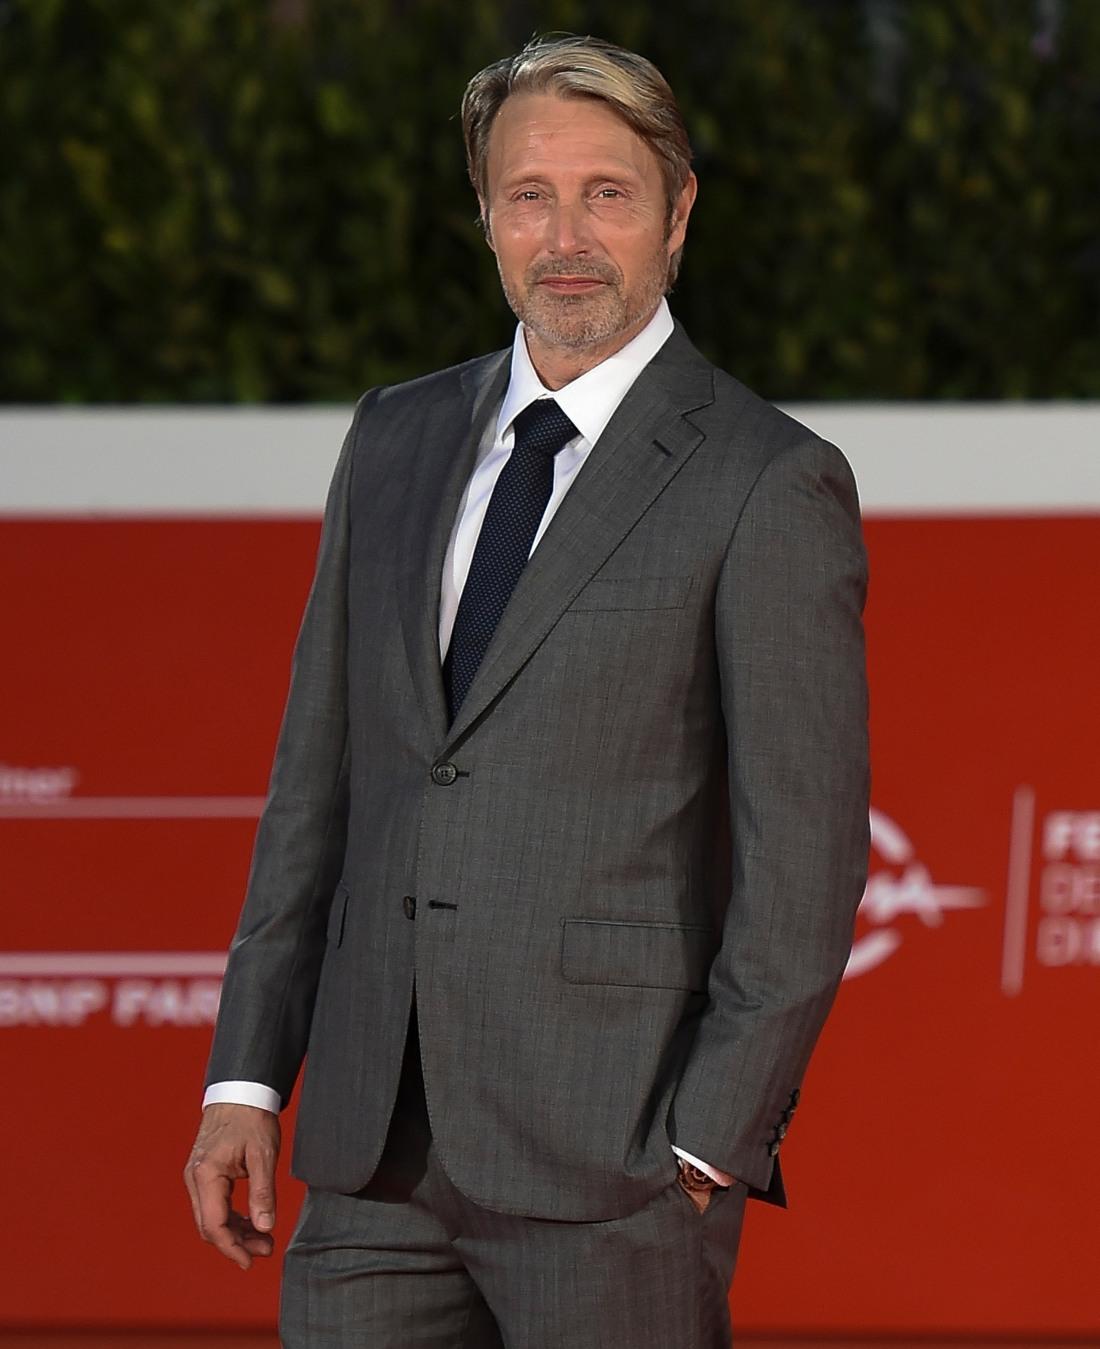 Mads Mikkelsen at Rome Film Festival 2020